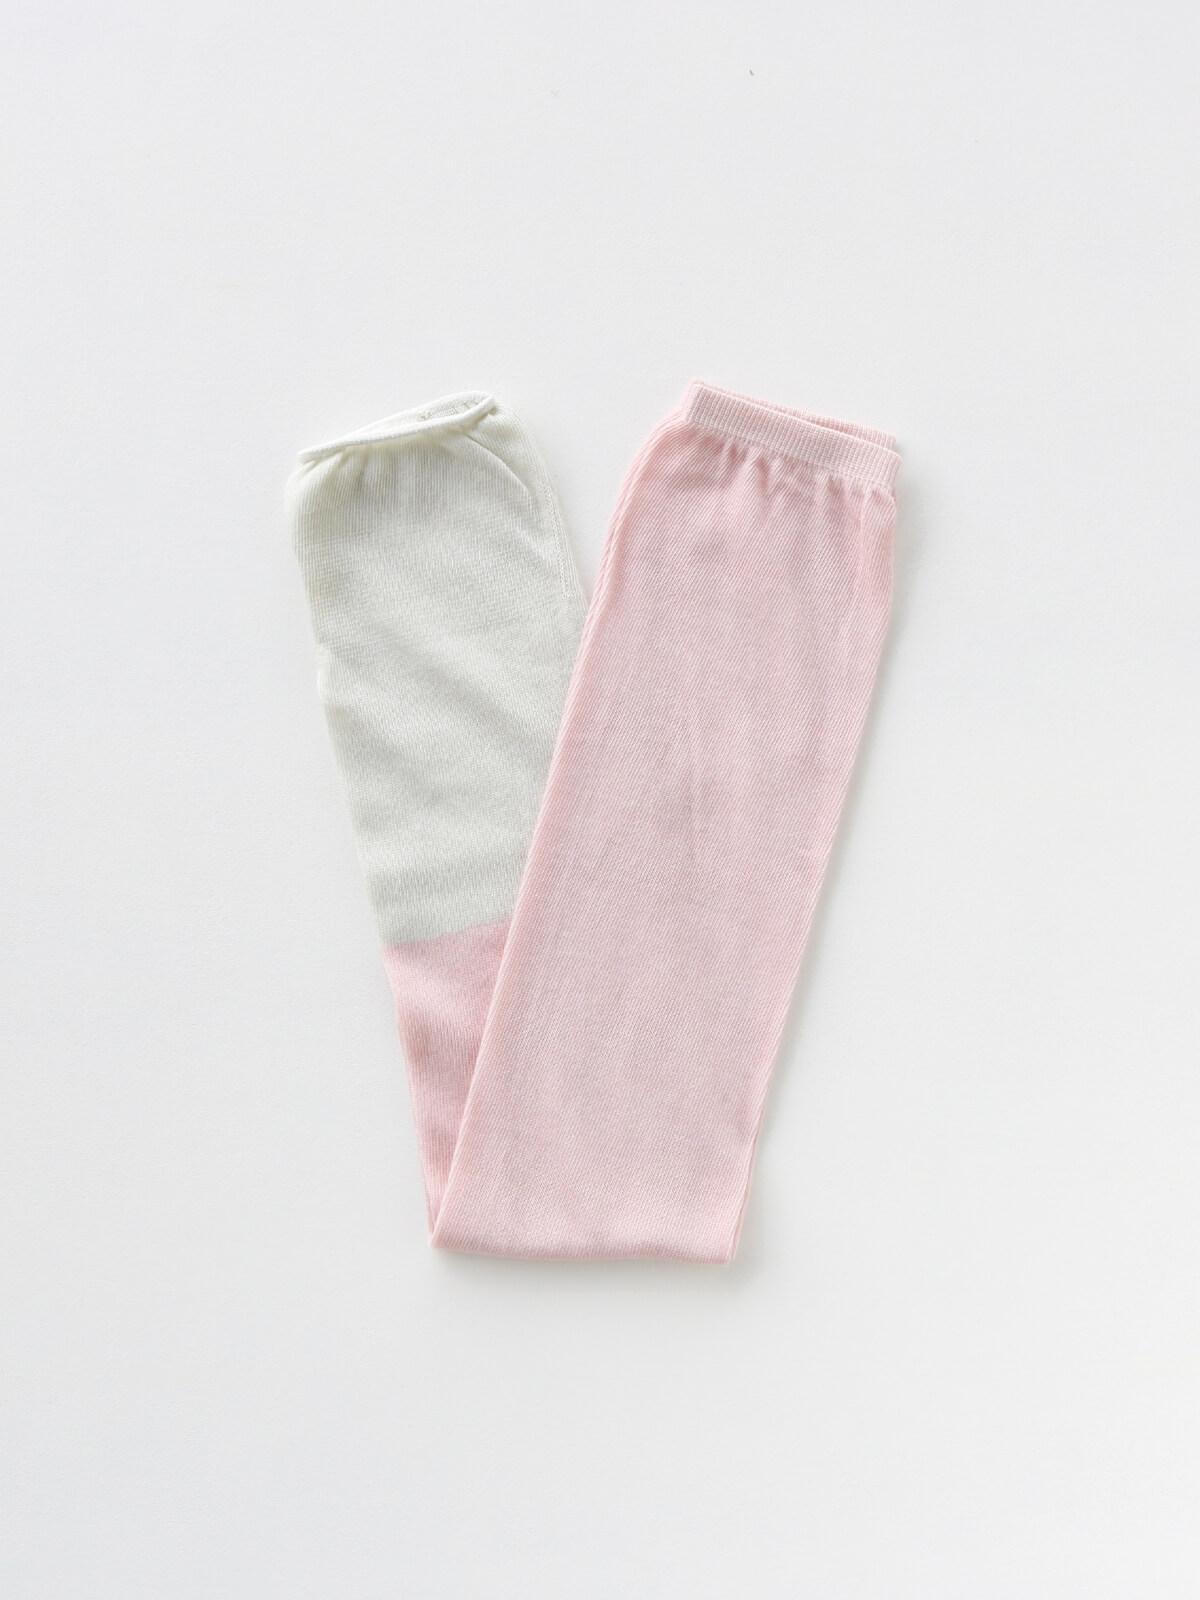 当たりつきギフト専用靴下のLUCKY SOCKS(ラッキーソックス)のSunscreen 2tone Armcover(サンスクリーン2トーンアームカバー)のパウダーピーチ×ミスト_2